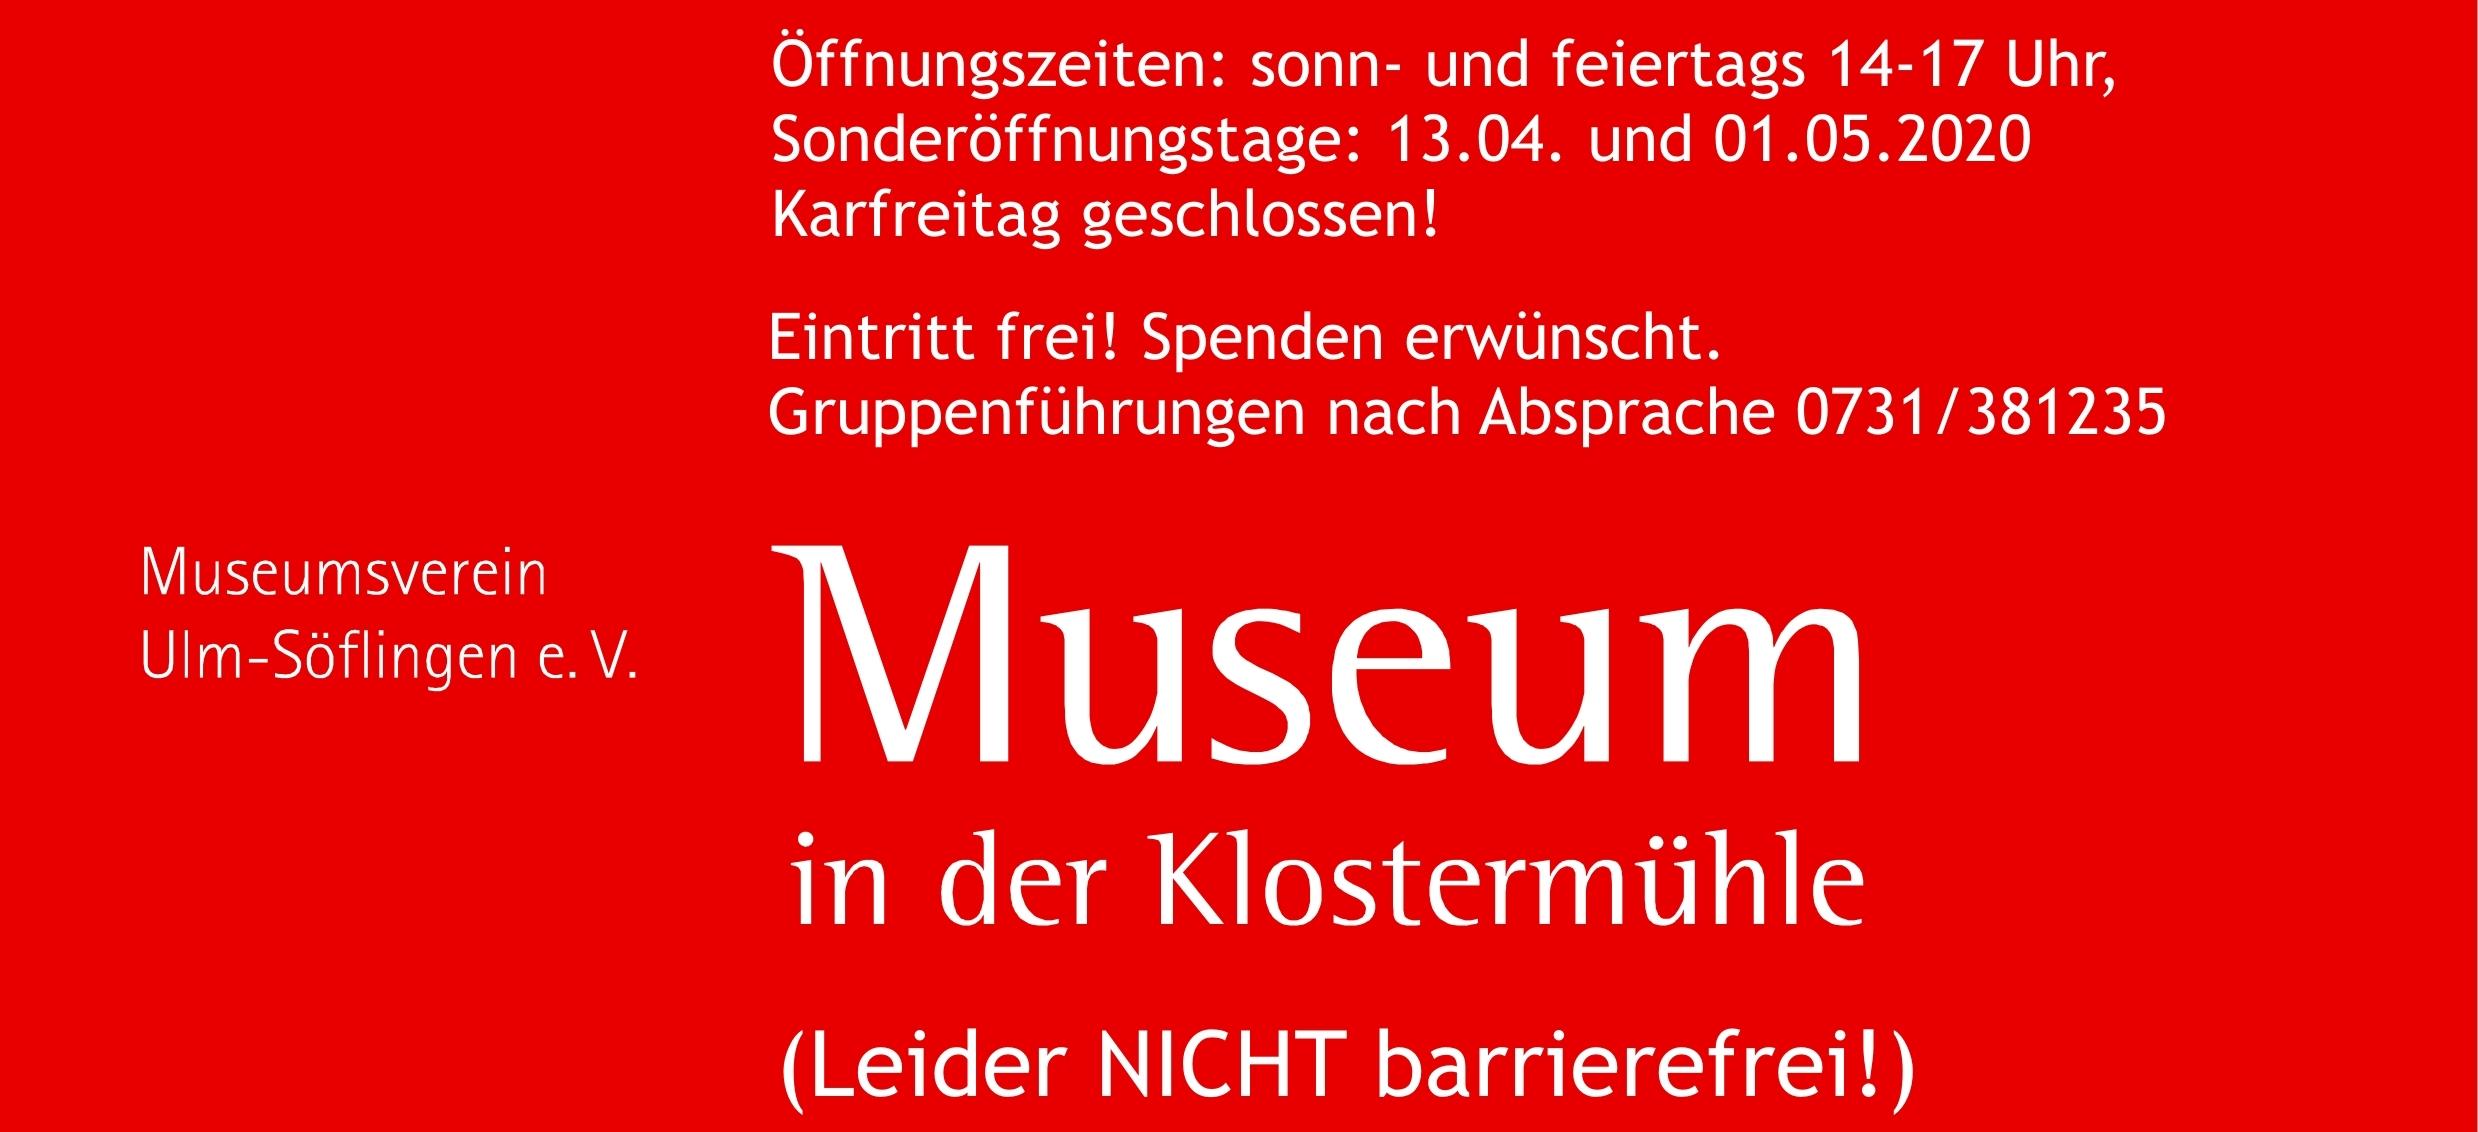 Plakat-Osterausstellung-A4_20200224-Bild3